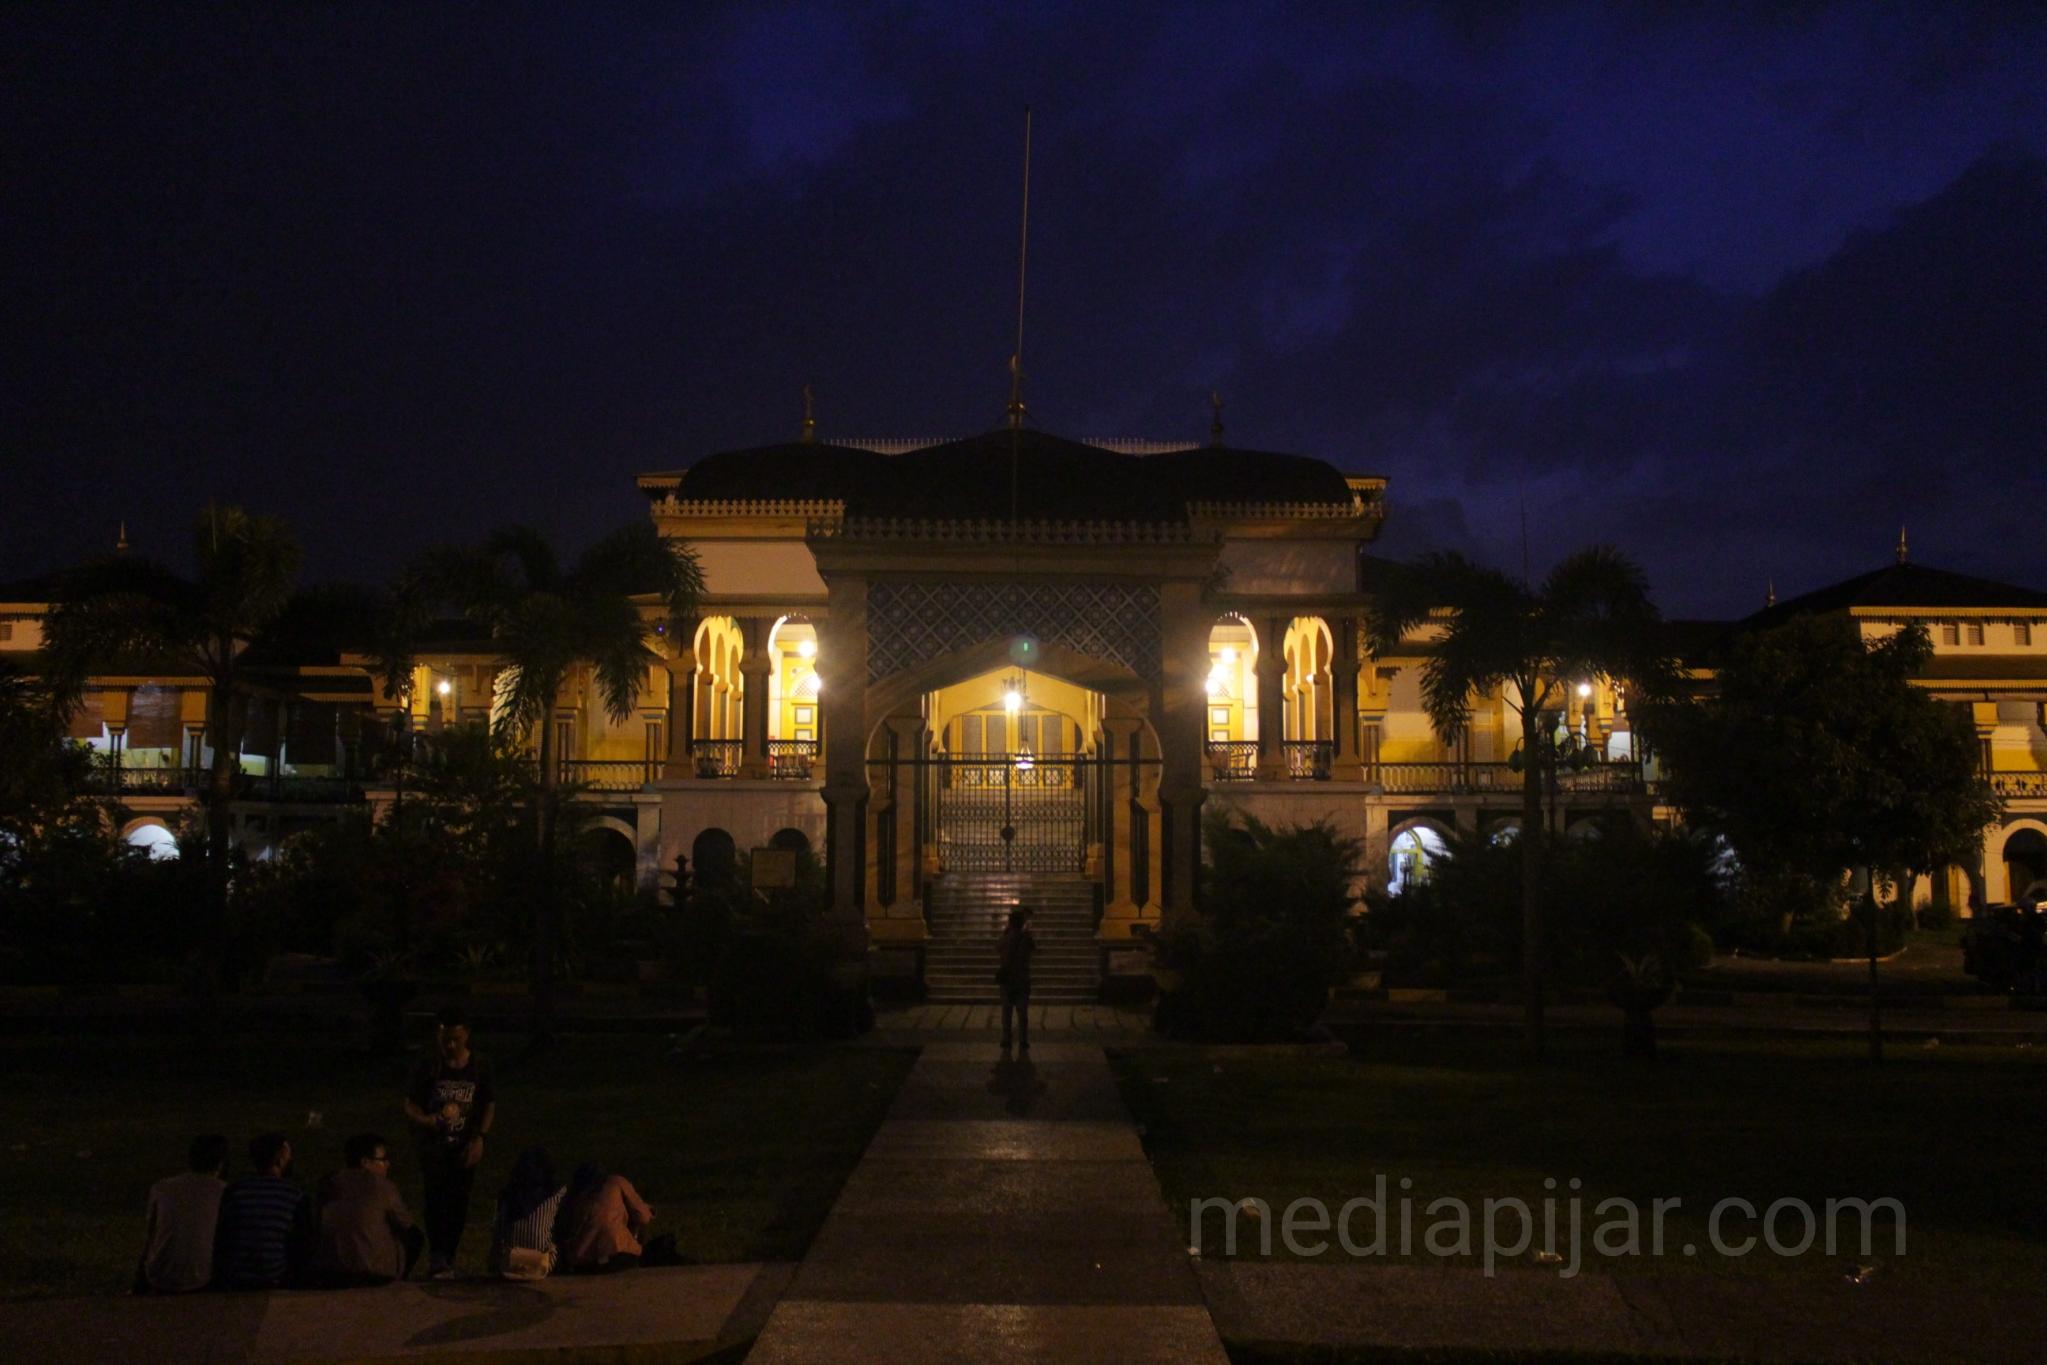 'Agung ditengah gelap, Berbinar dalam sejarah'. (Fotografer: Hidayat Sikumbang)